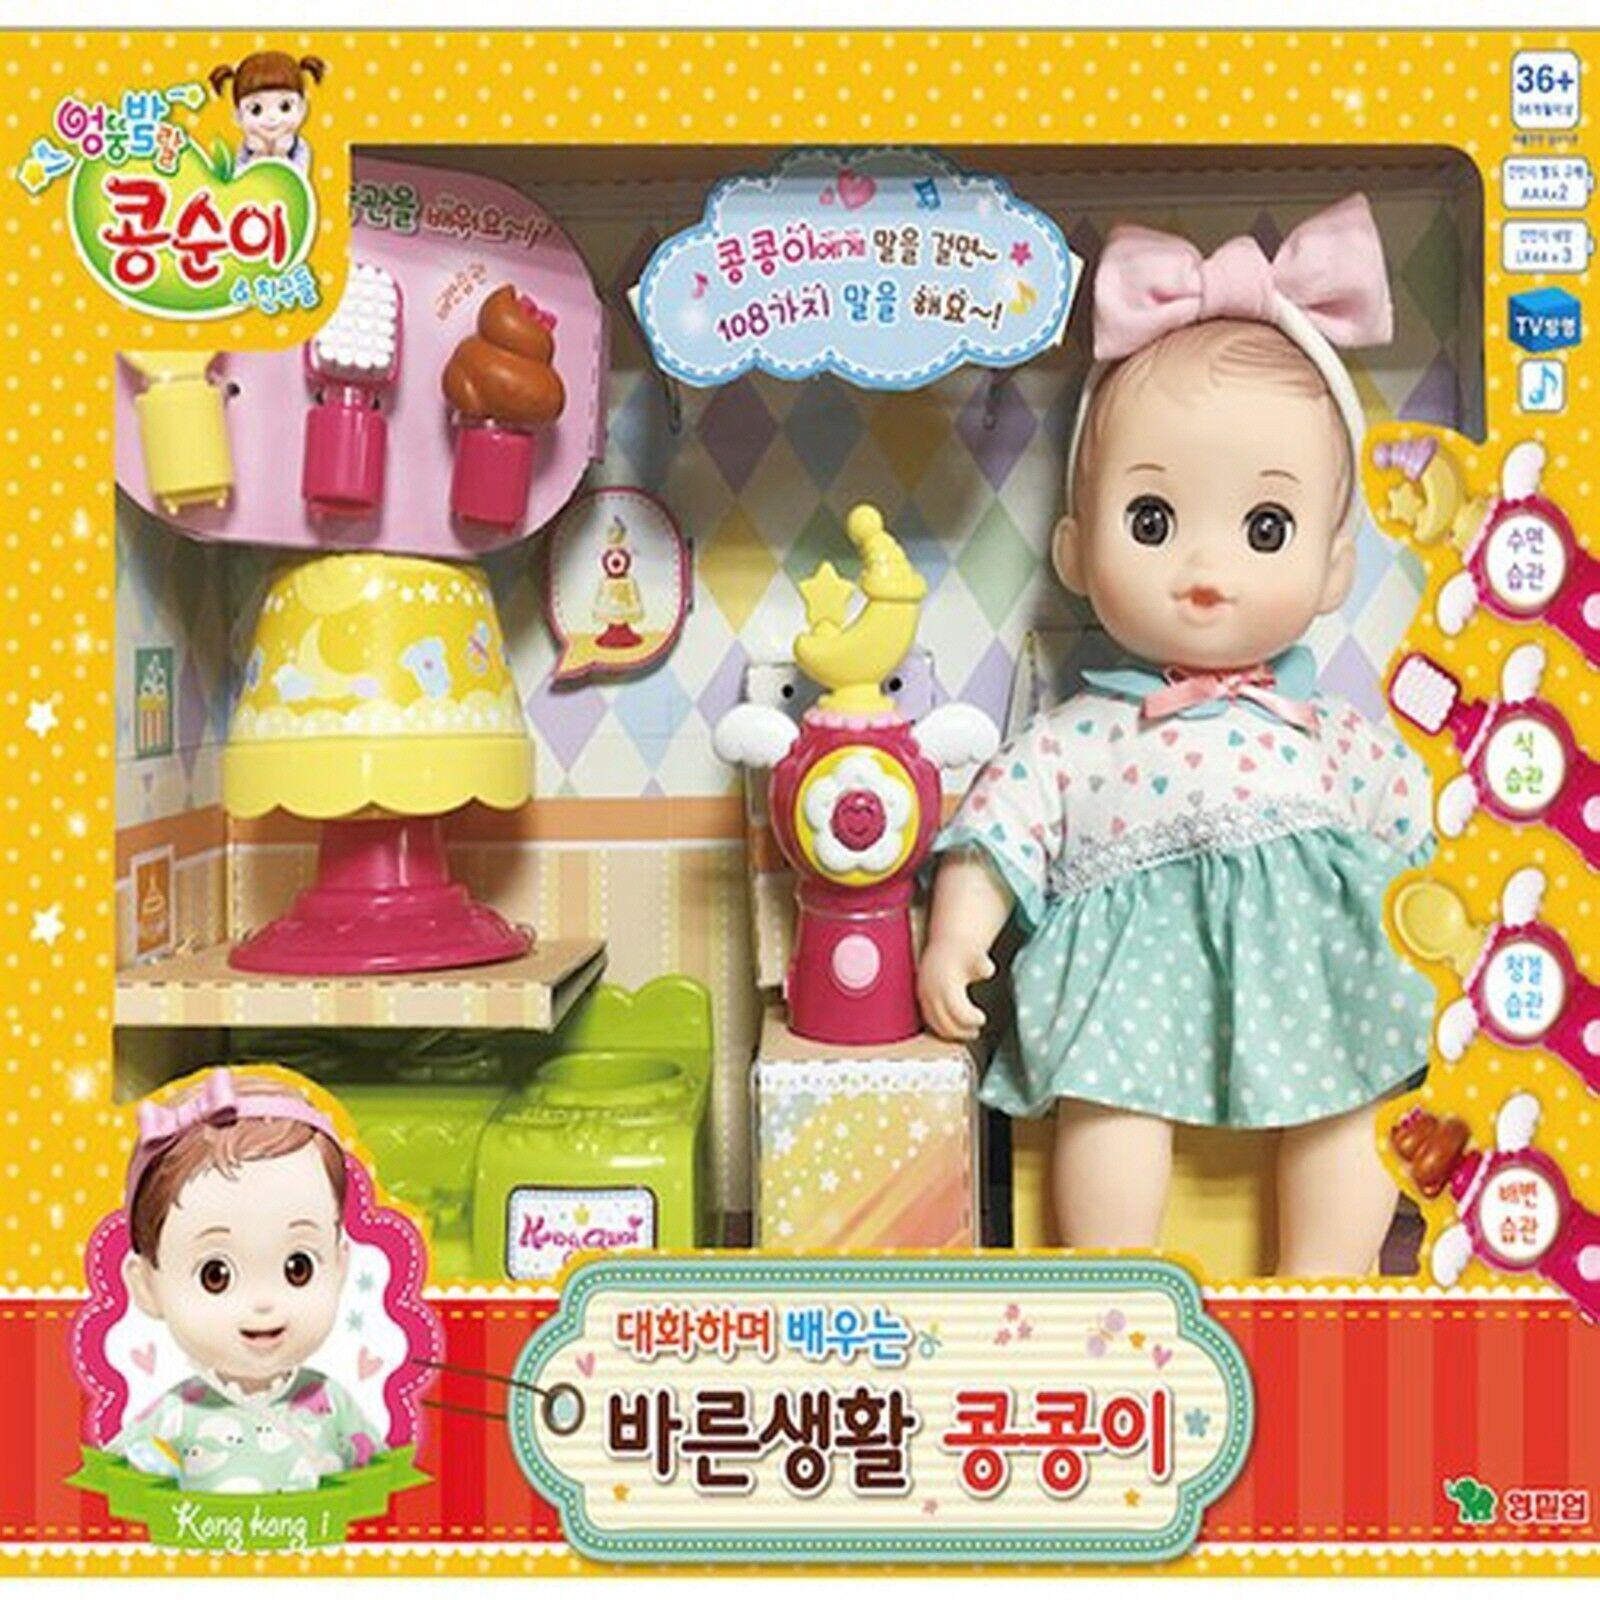 Kongsuni Talking KONGKONGI Baby Doll Set  Pretend Role Play Kids Toy Magic wand